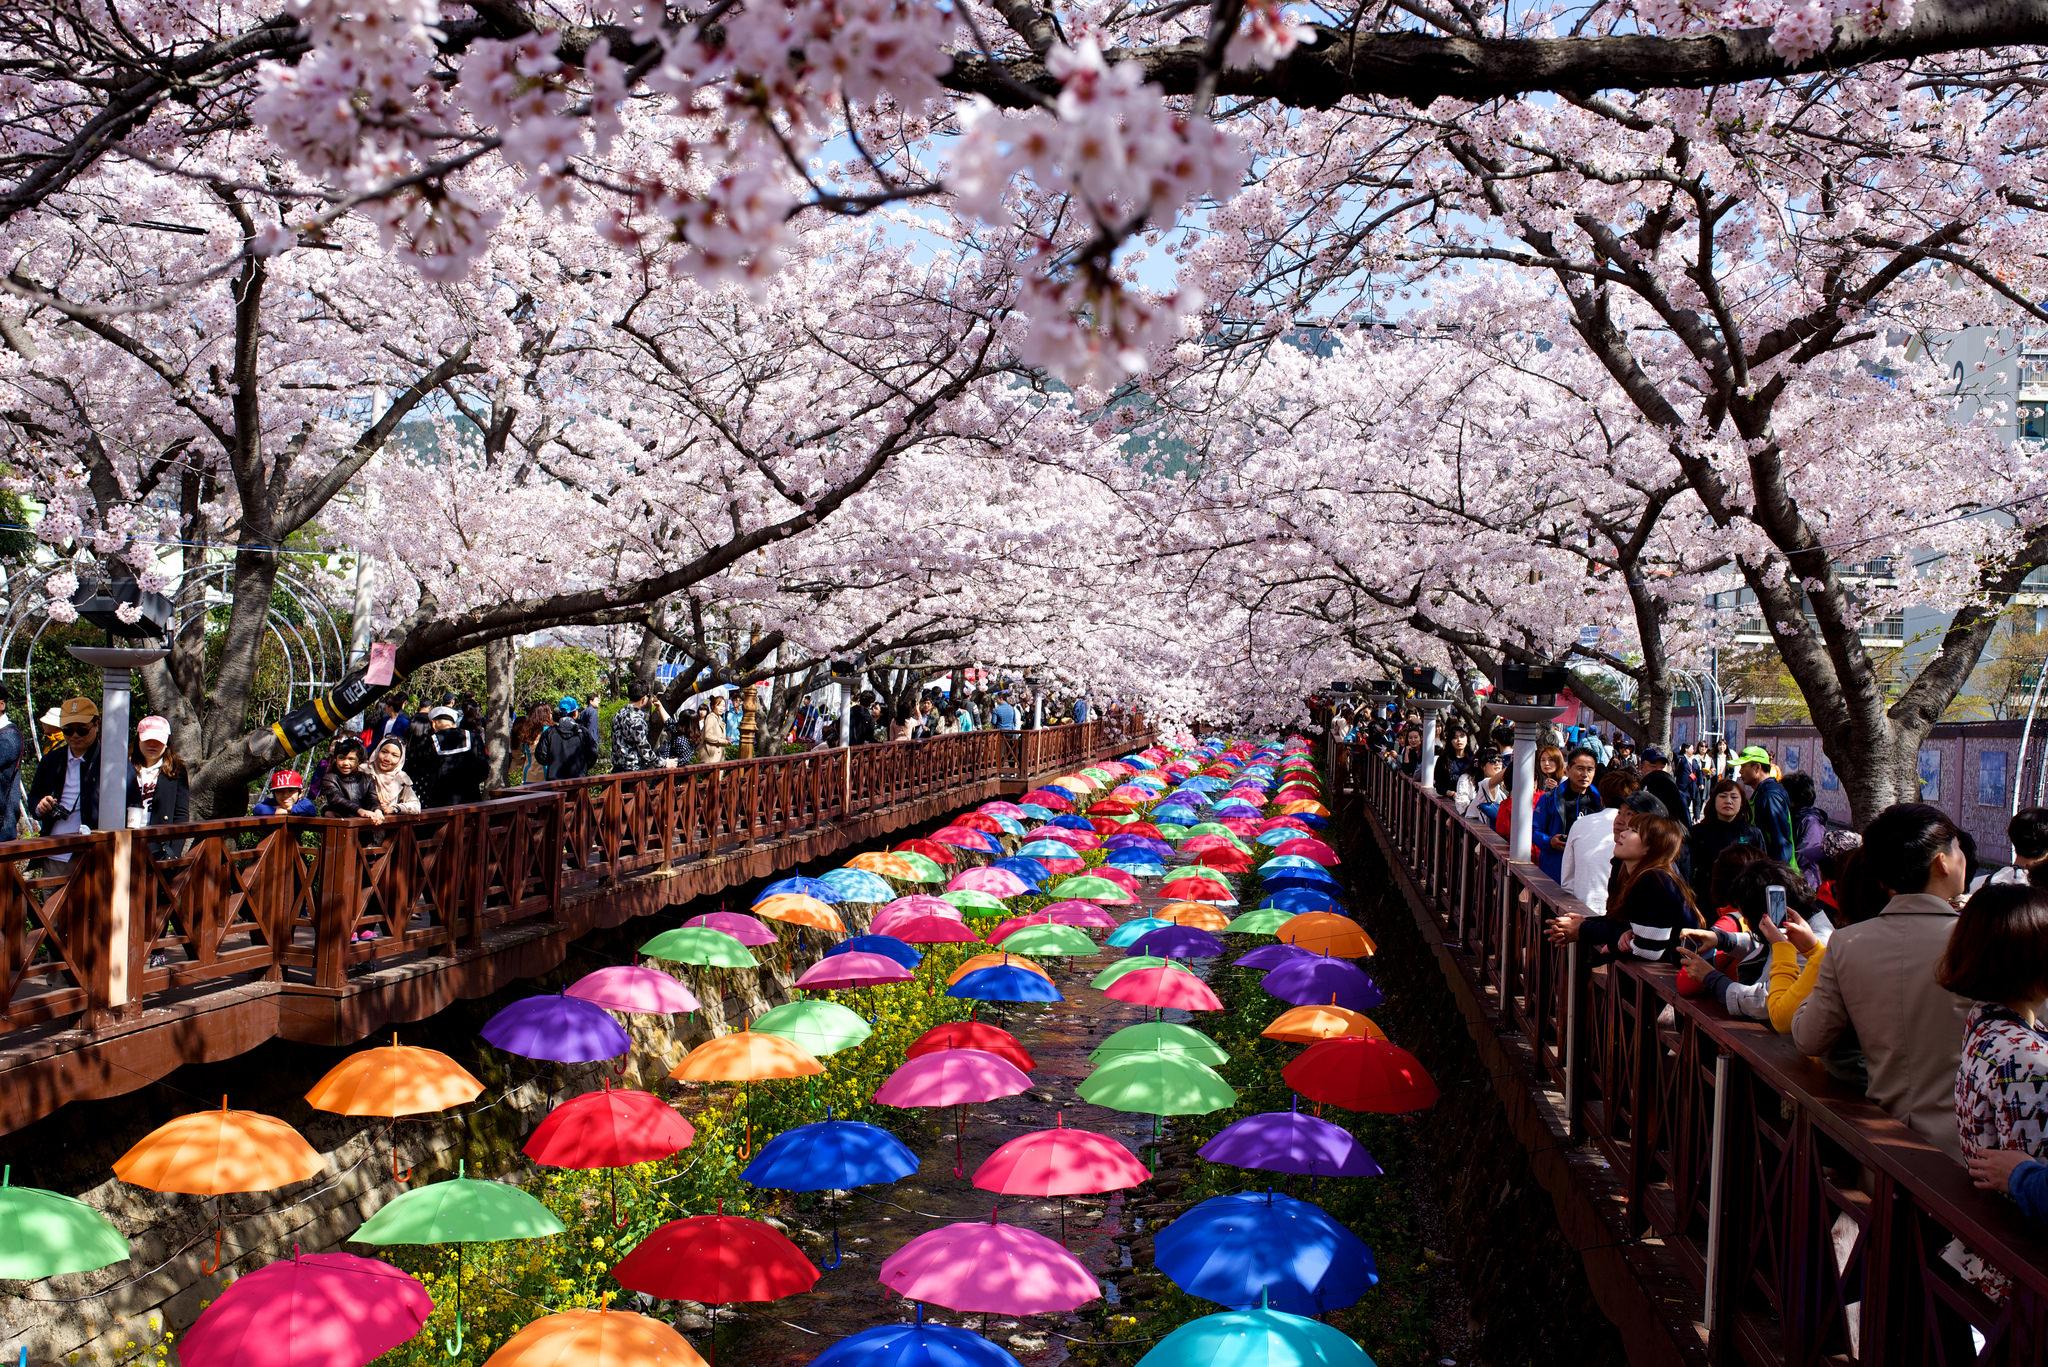 cherry blossom festival - 800×533